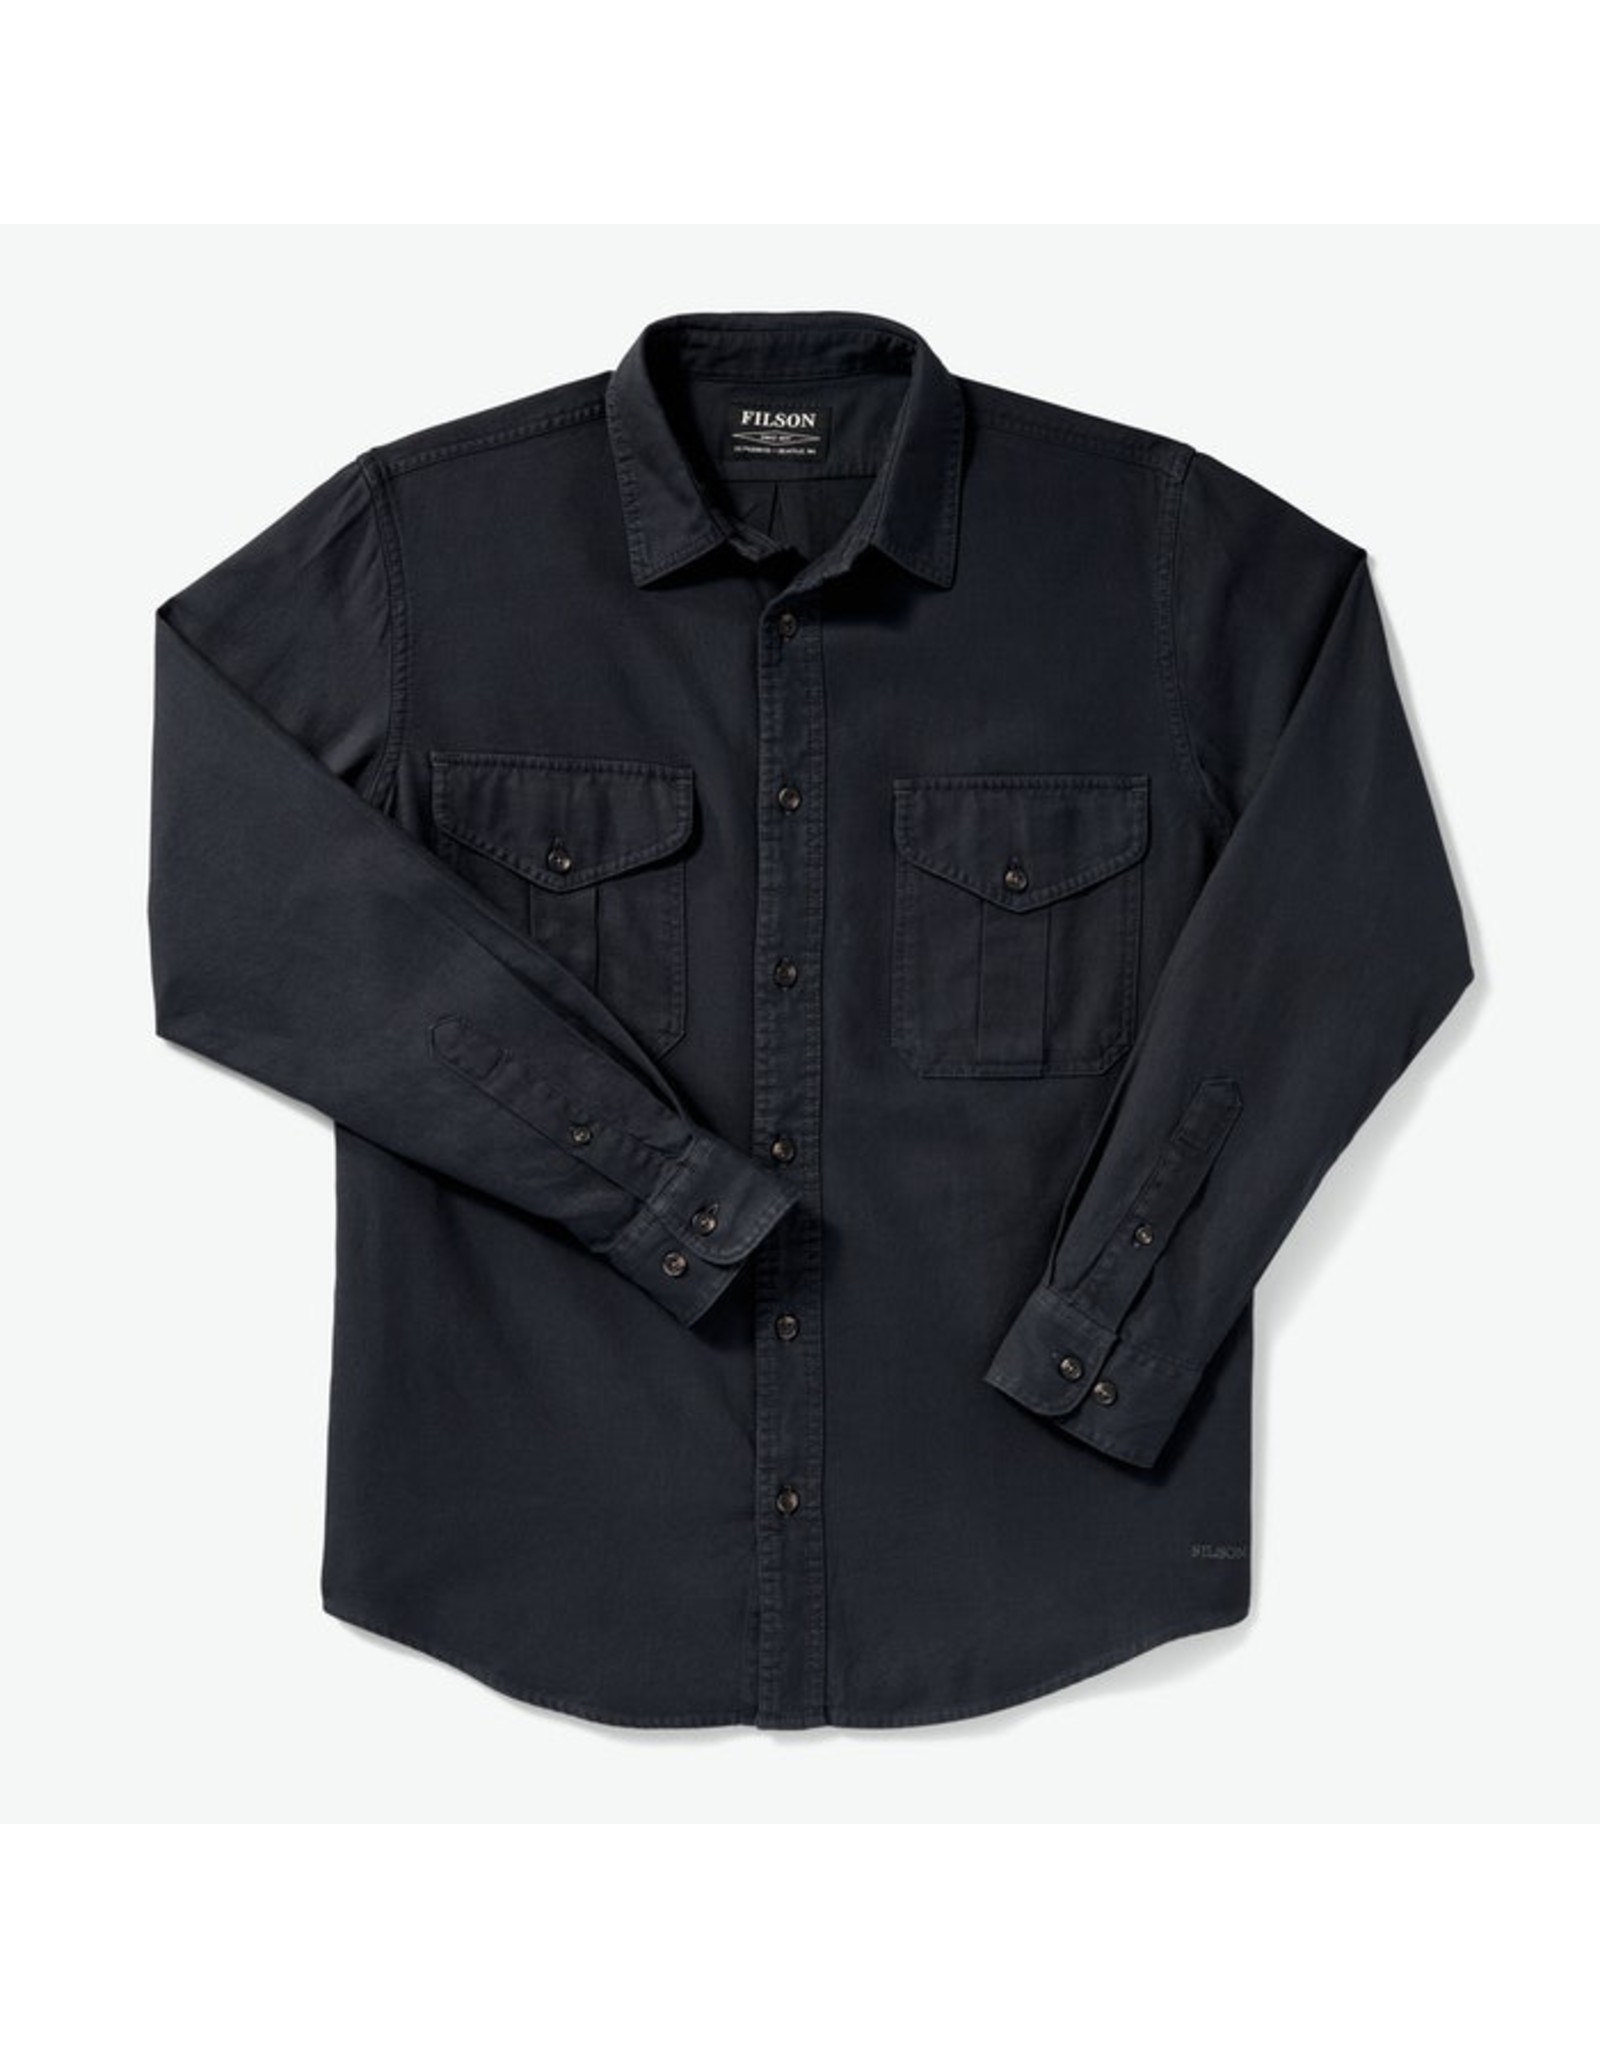 Filson Filson 11010743 Light-Weight Alaskan Guide Shirt